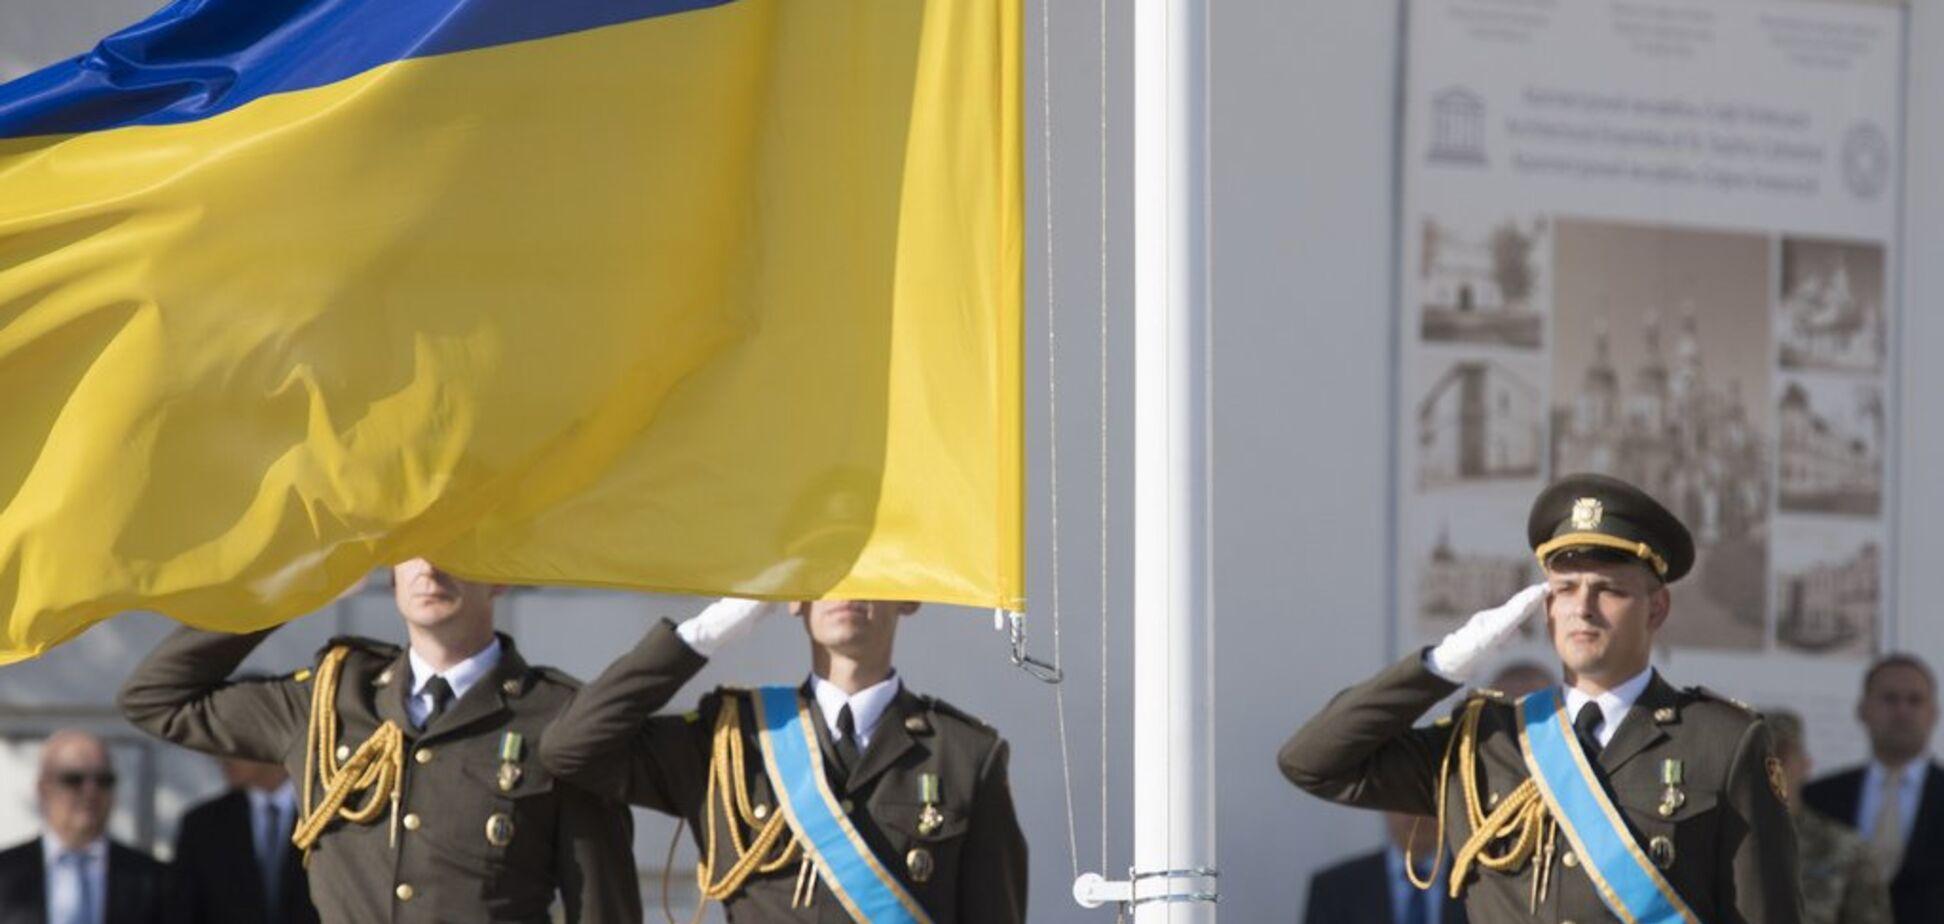 'Чуда не произошло': в Украине рассказали о серьезных проблемах с экономикой